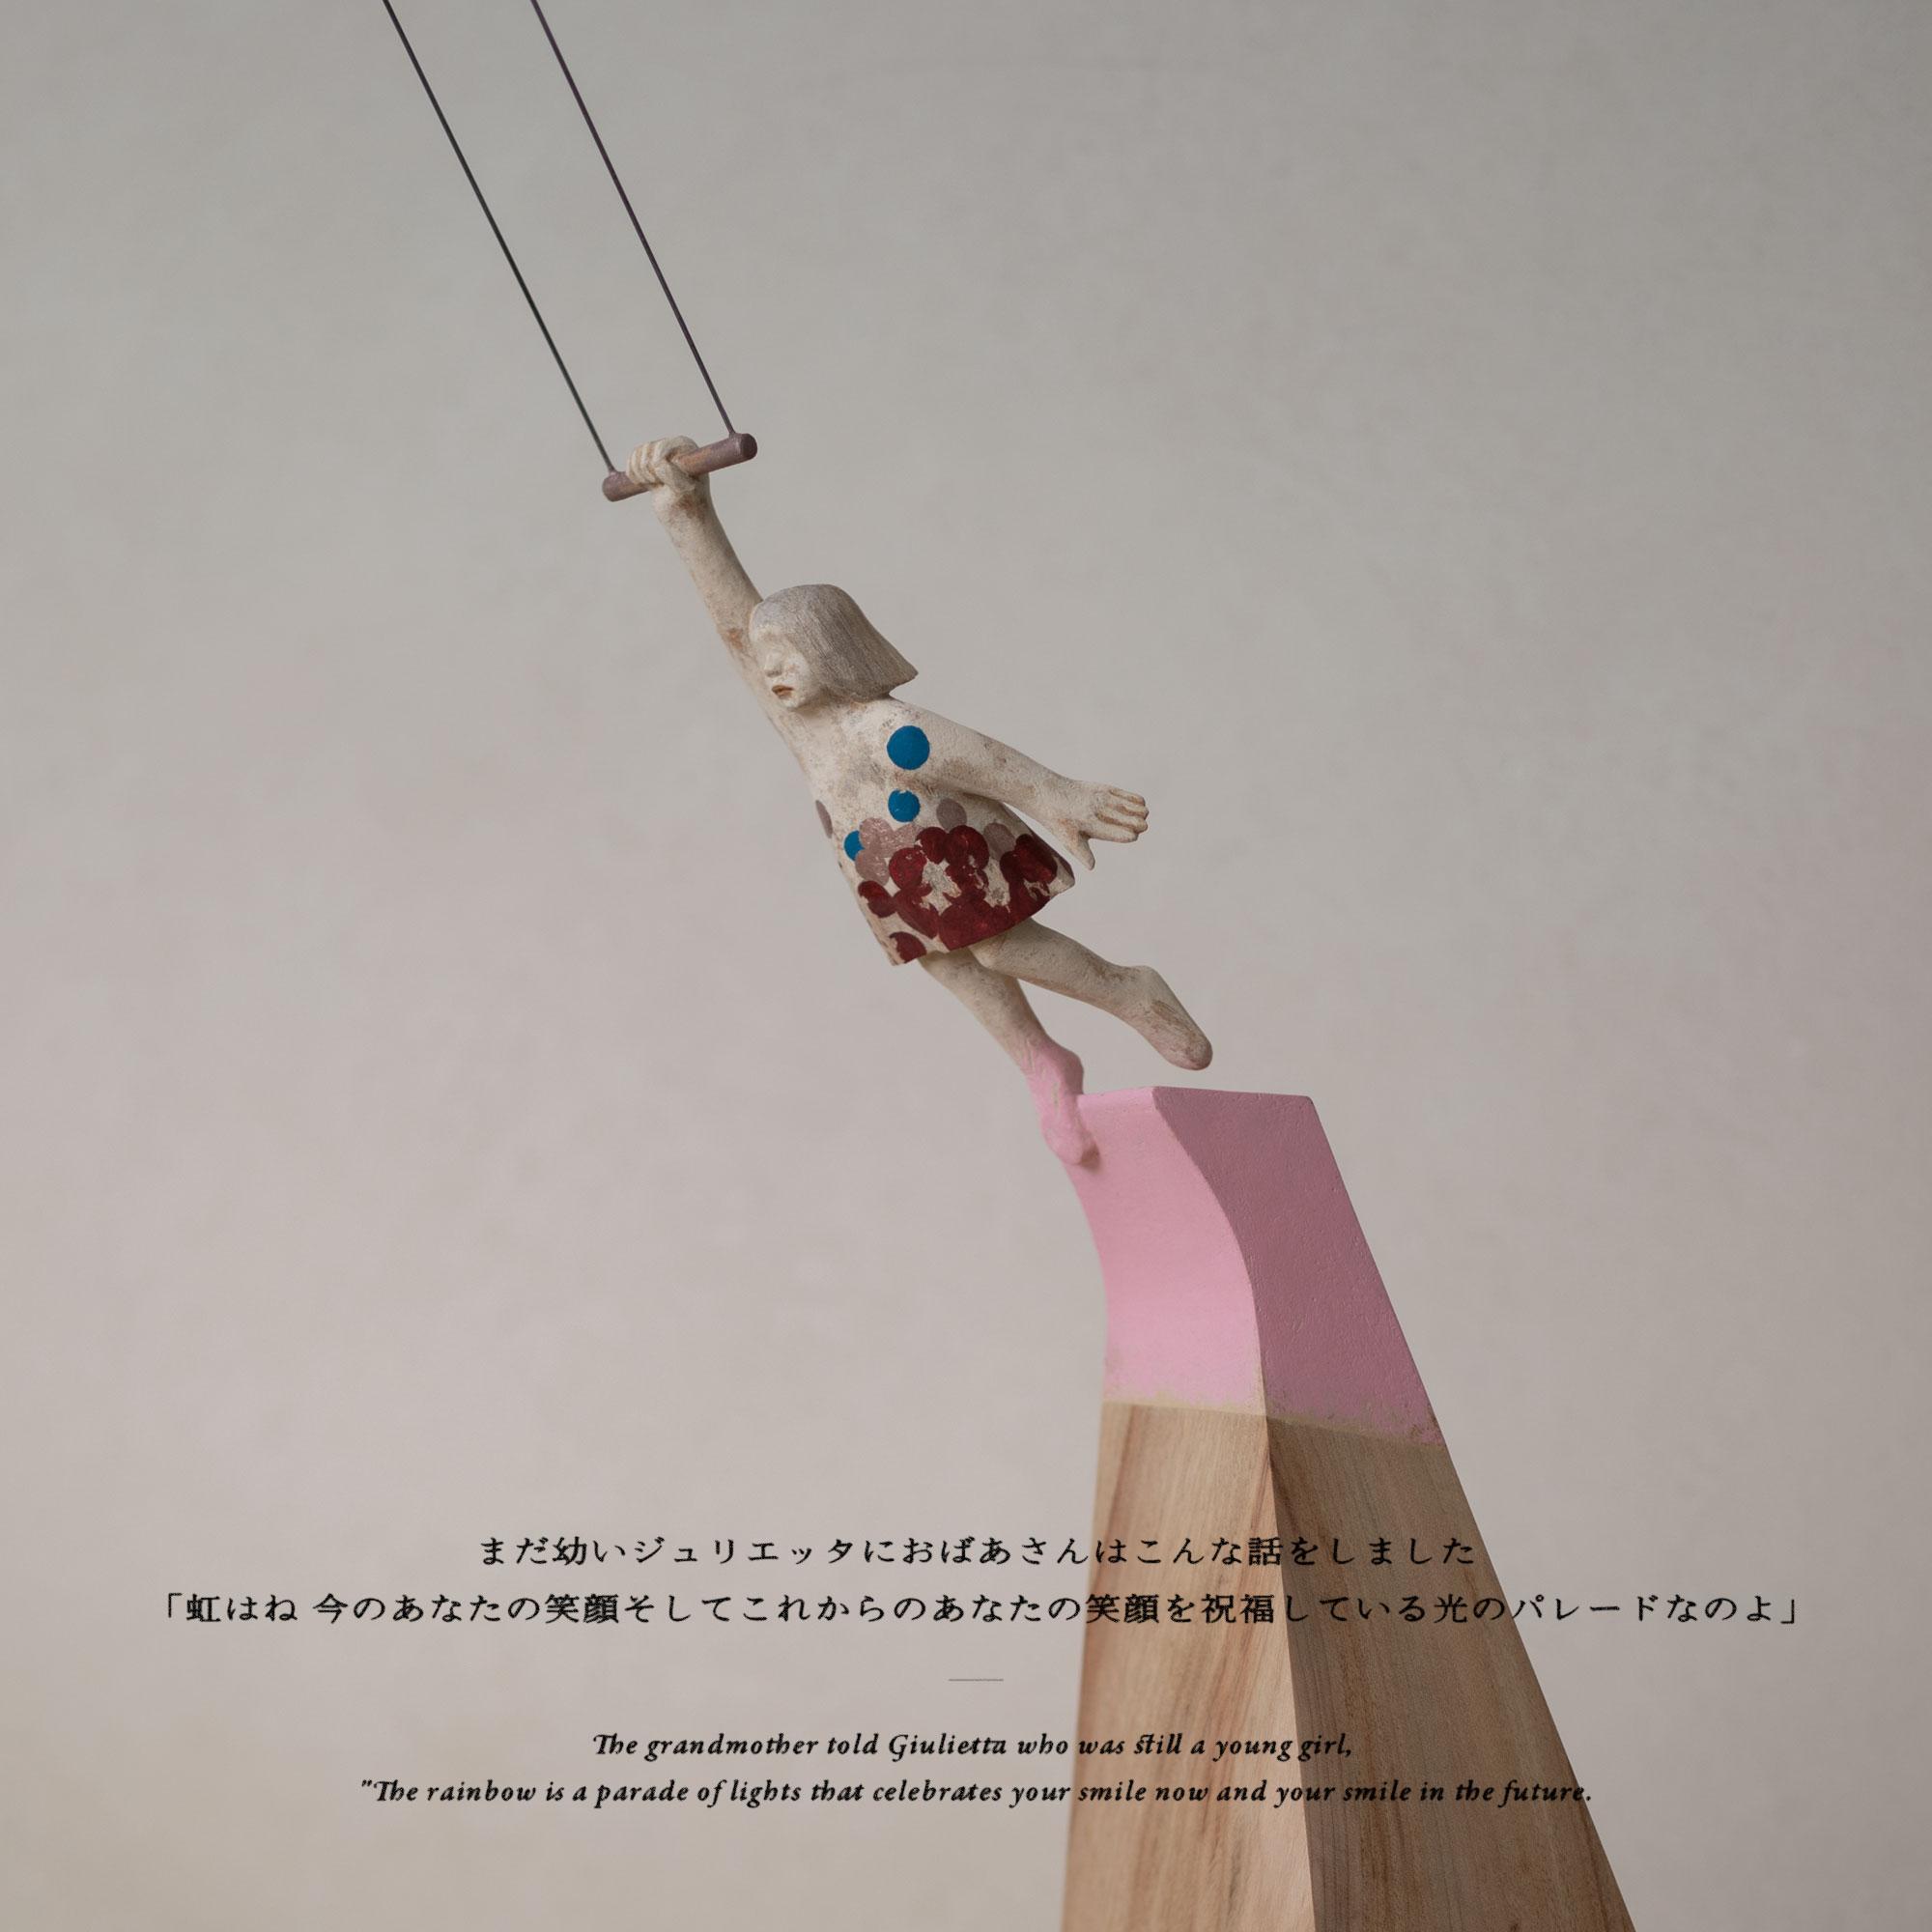 """Yuta NISHIURA """"動 Motion"""" #09 Sep. 2020  まだ幼いジュリエッタにおばあさんはこんな話をしました 「虹はね 今のあなたの笑顔そしてこれからのあなたの笑顔を祝福している光のパレードなのよ」"""